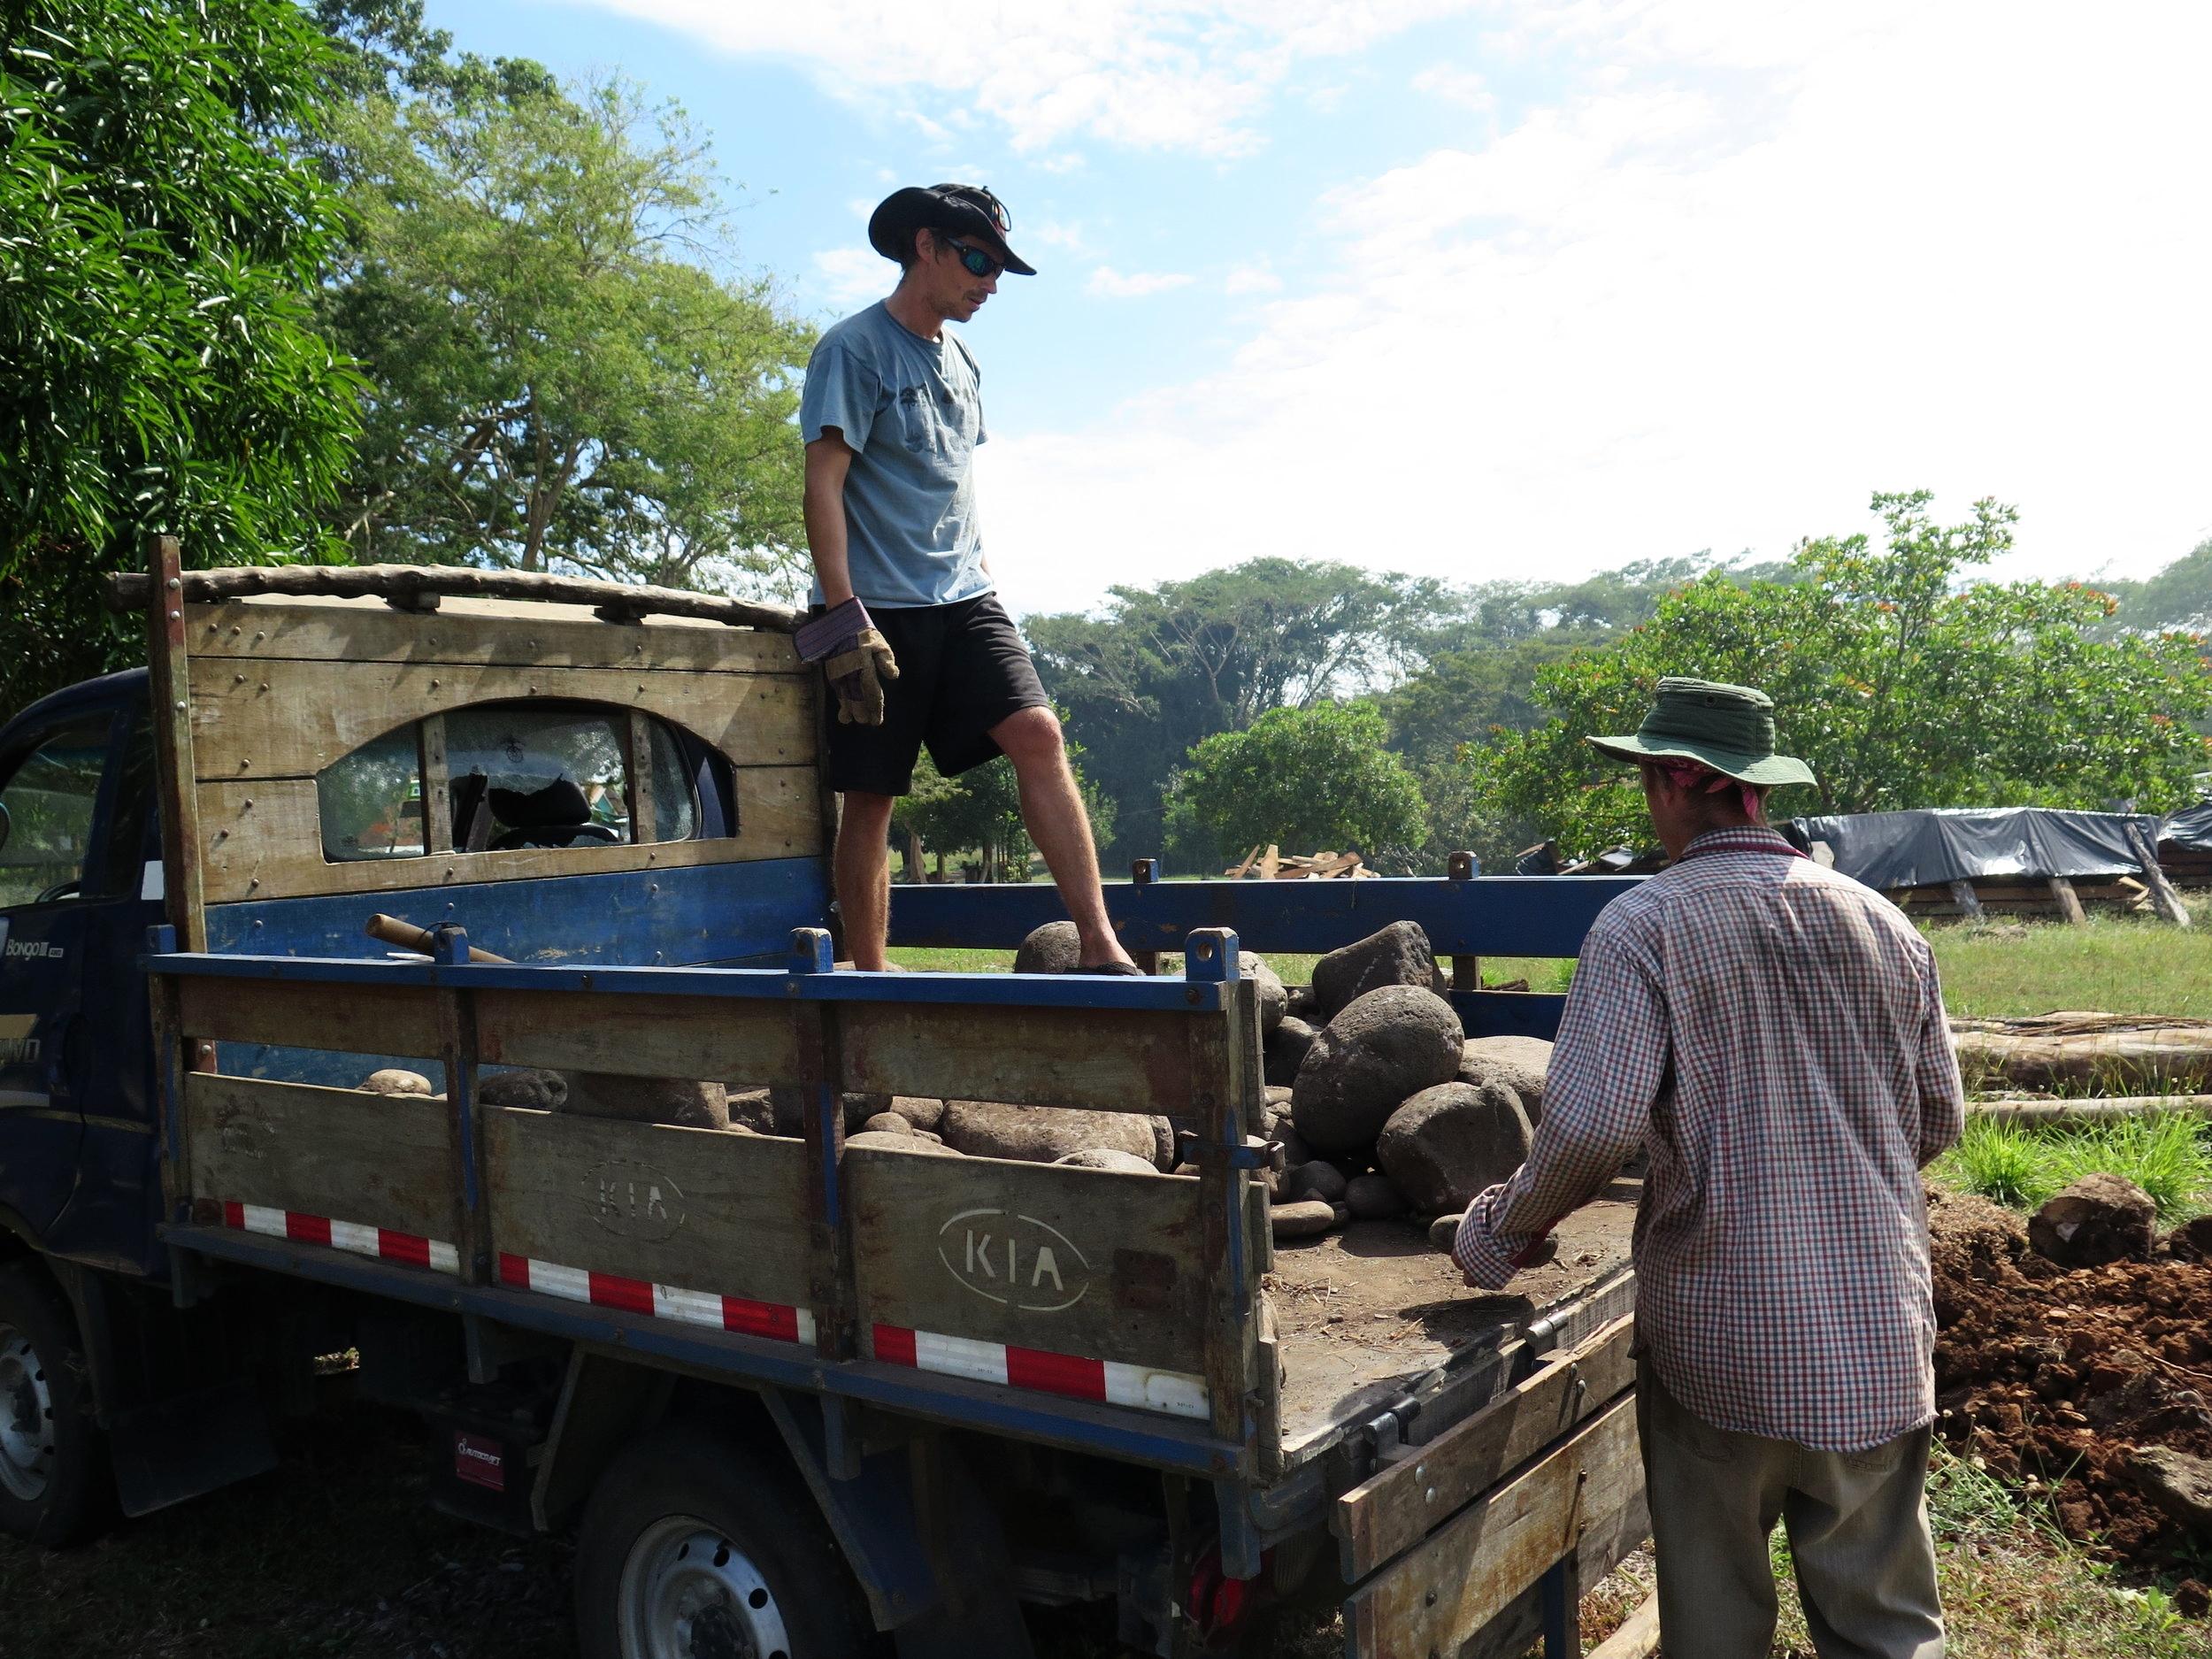 Xavier & Lynx unloading river rocks for the keel foundation.